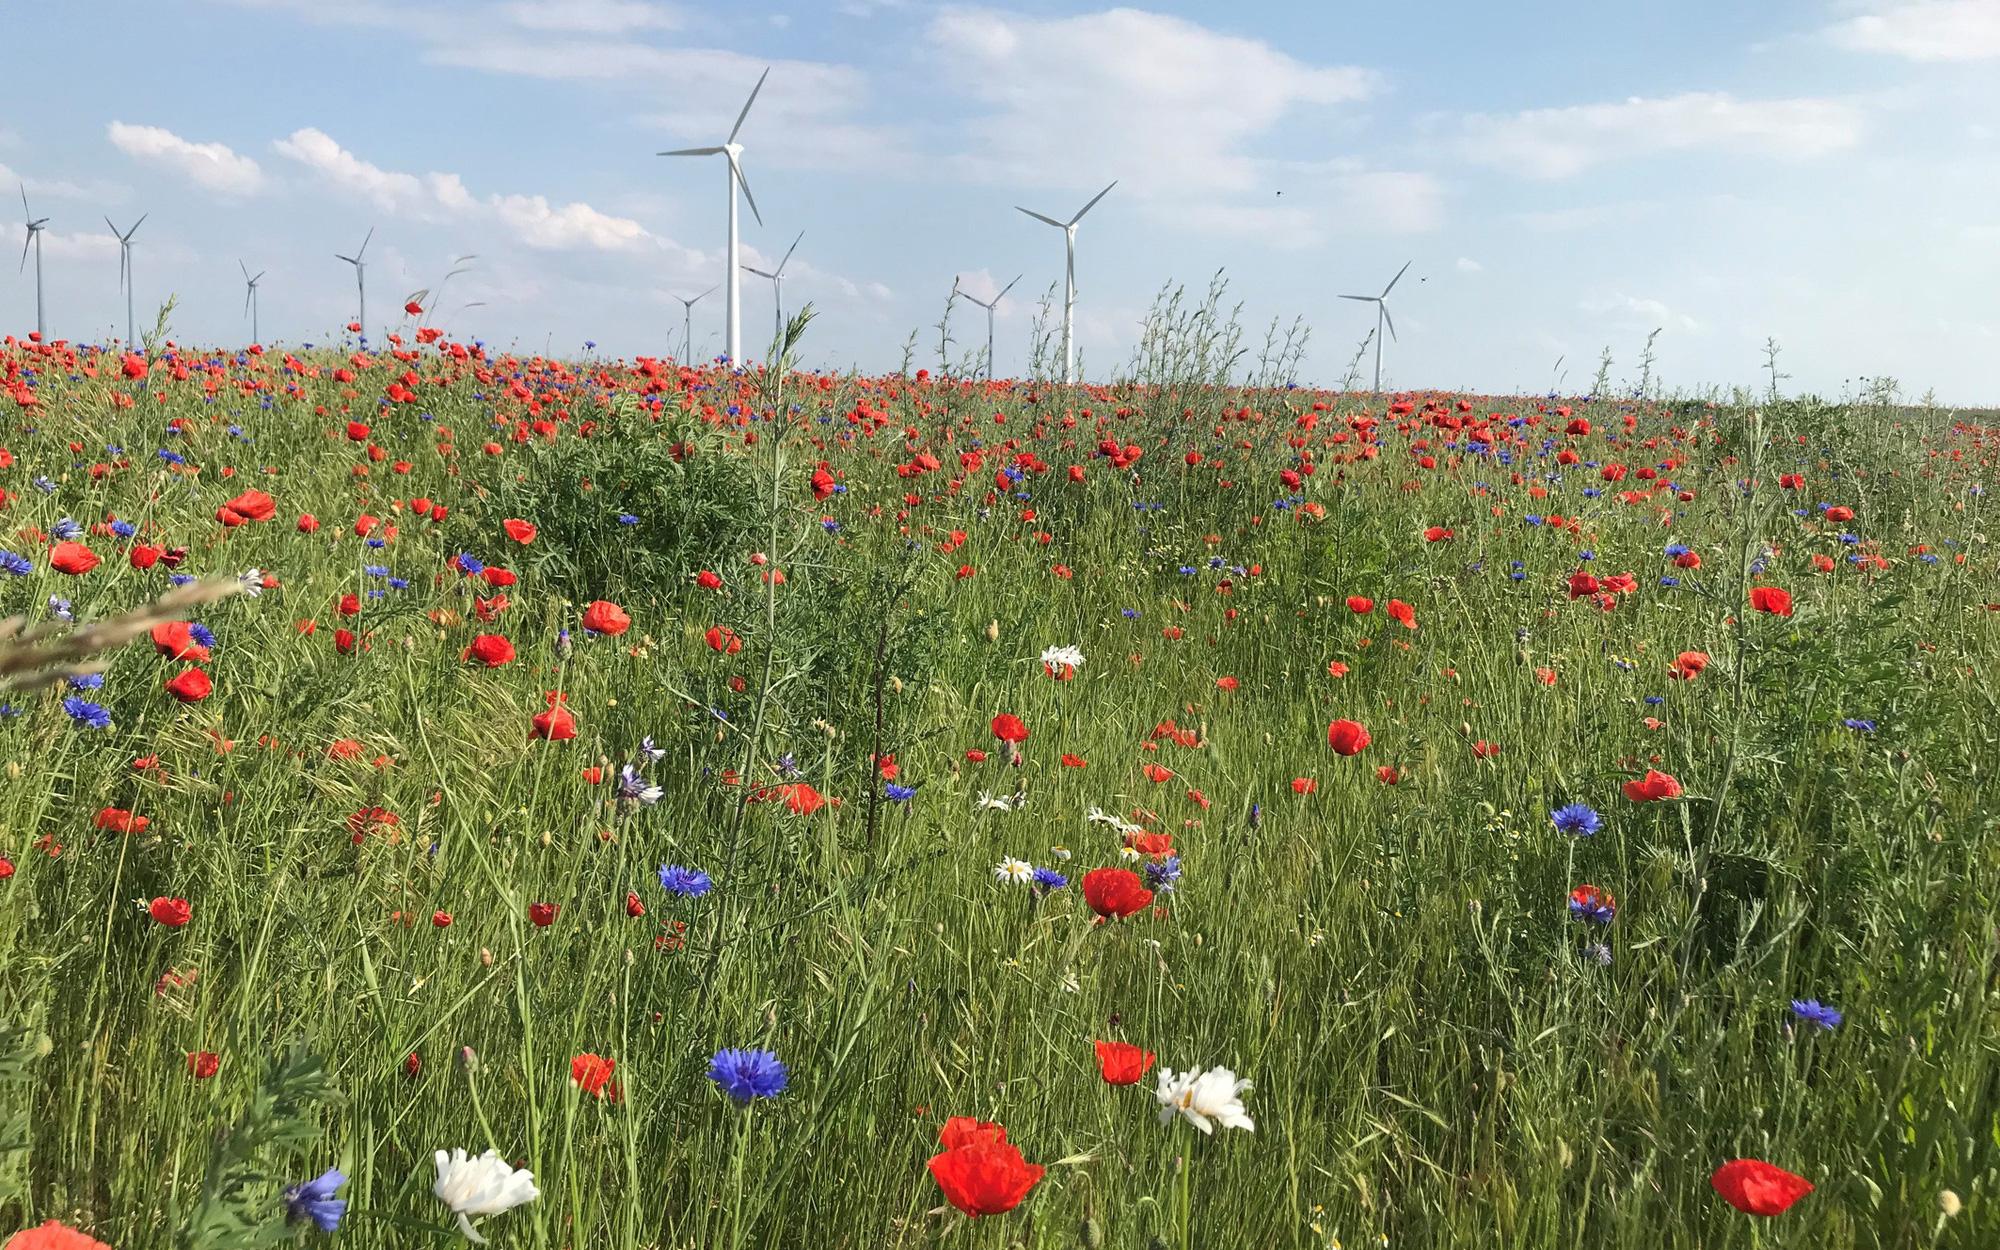 Bayer khởi động Chương trình giảm khí thải carbon trong ngành nông nghiệp châu Âu